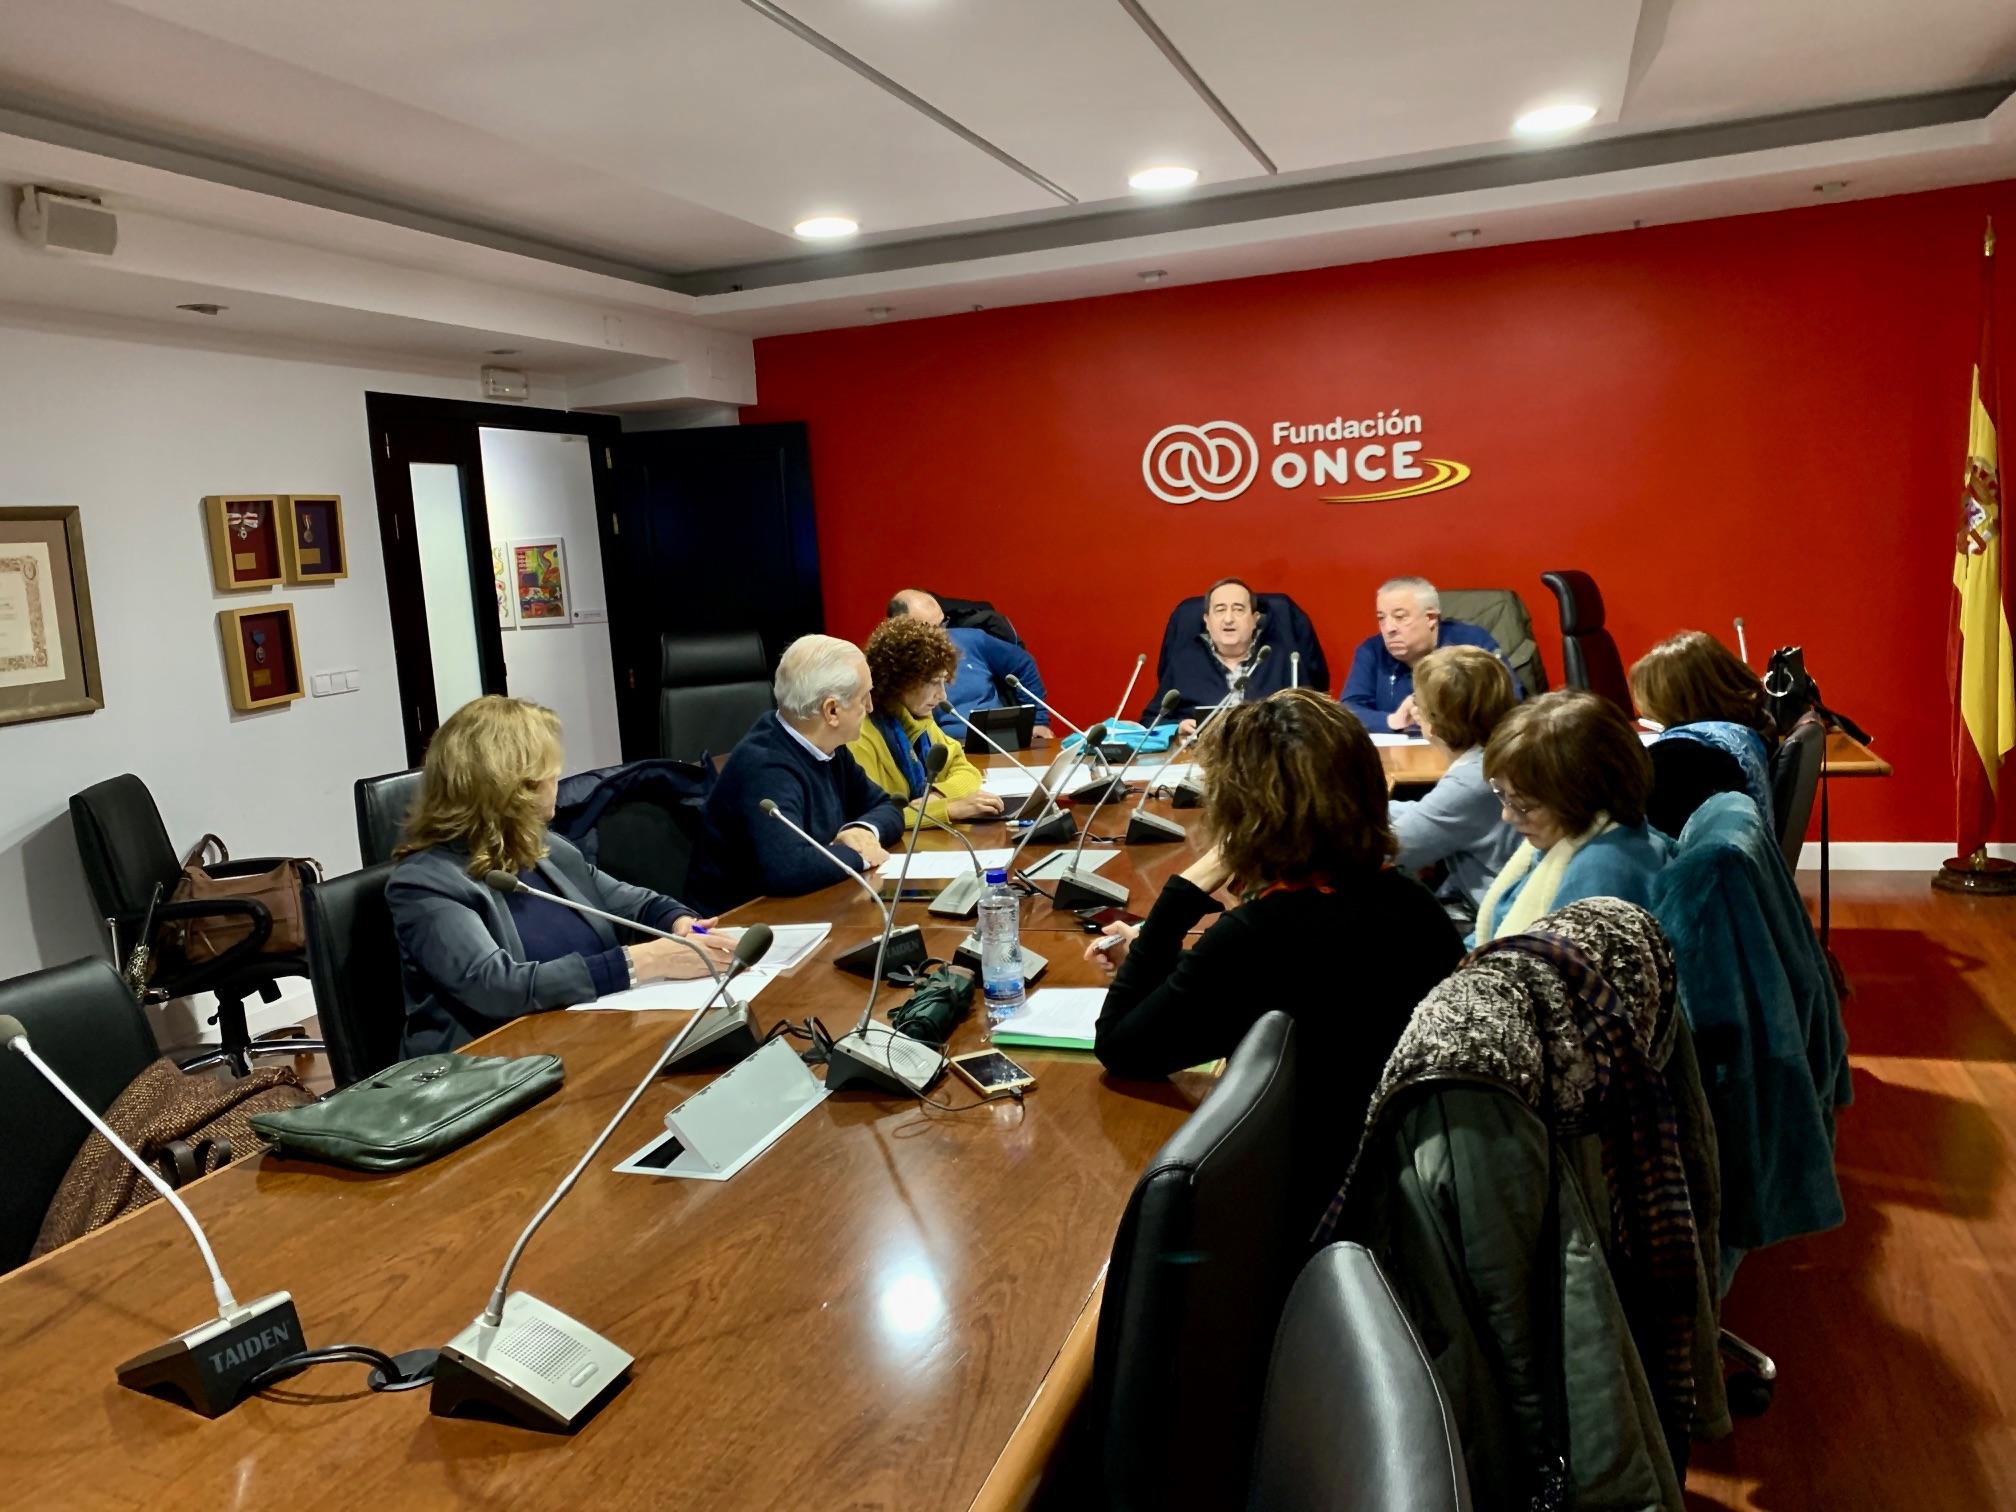 La Federación inicia una nueva etapa con la renovación de sus cargos directivos